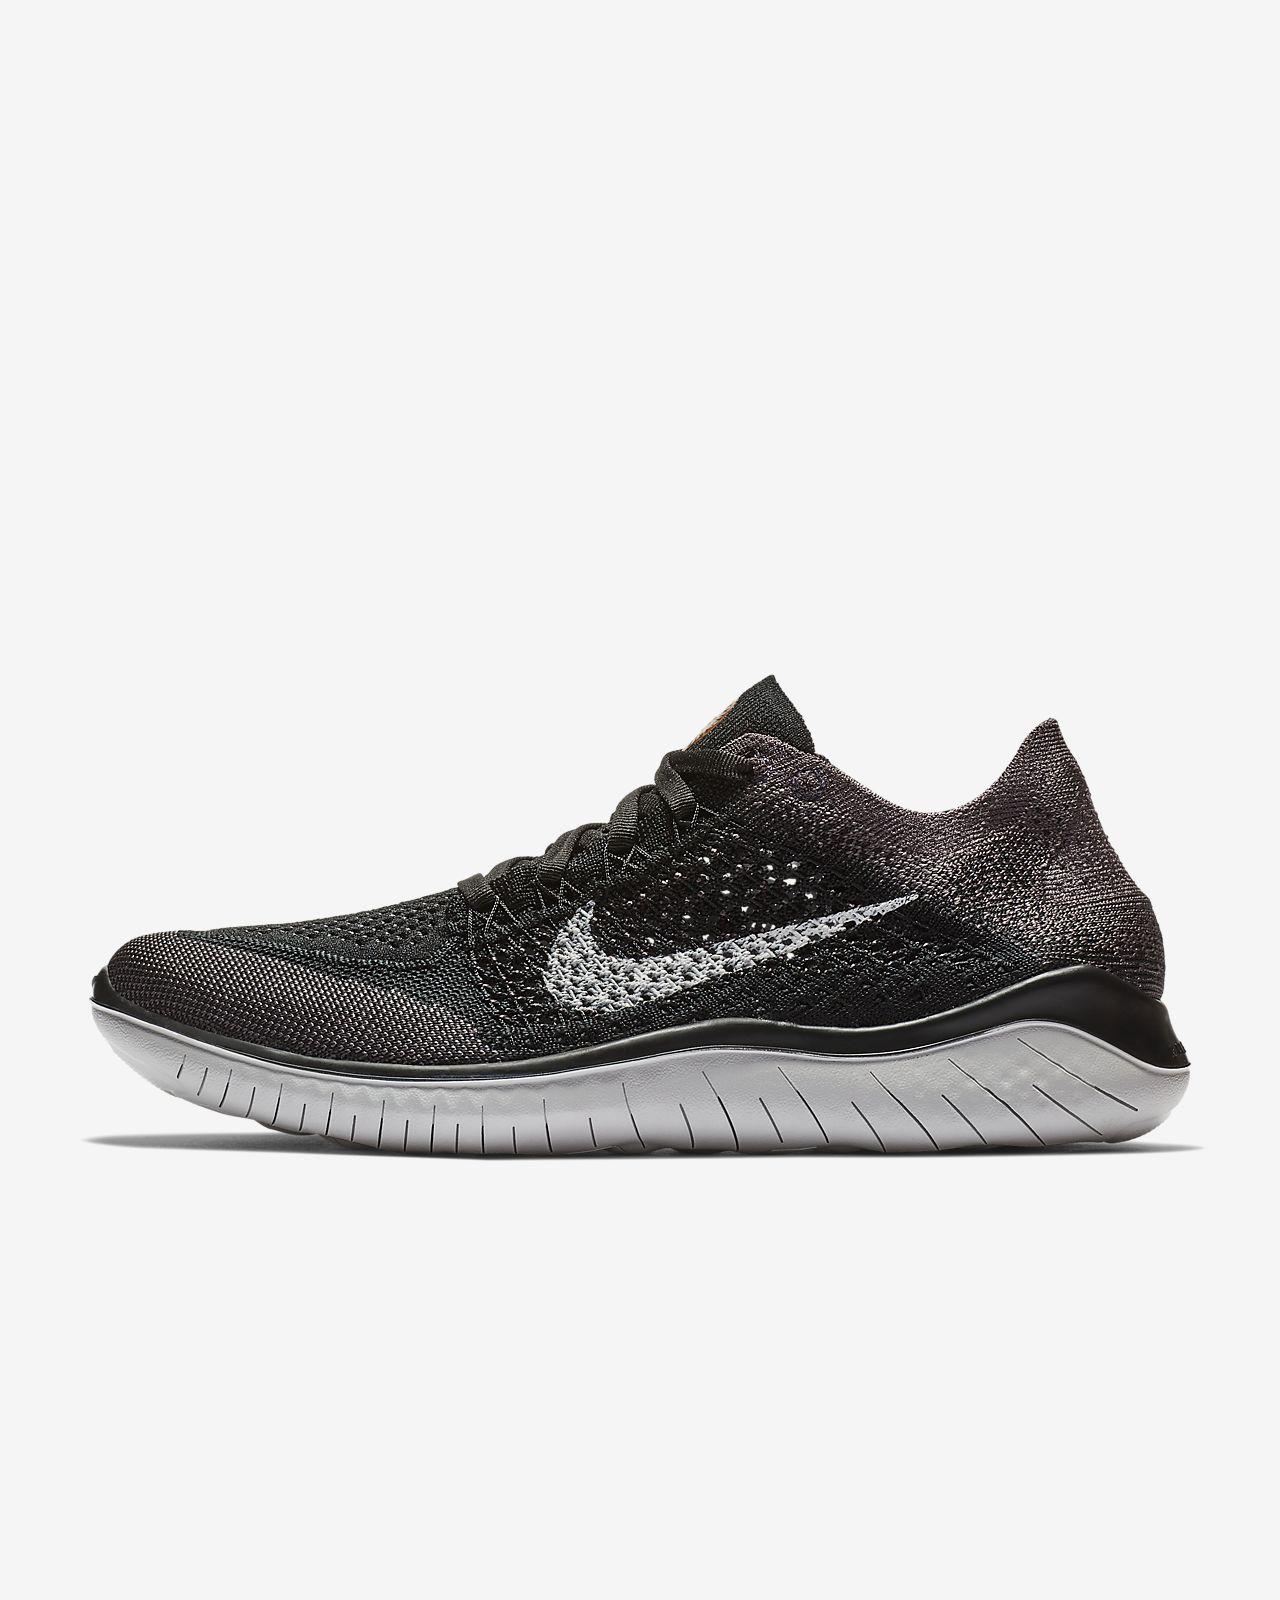 best sneakers a0794 18bd0 Women s Running Shoe. Nike Free RN Flyknit 2018